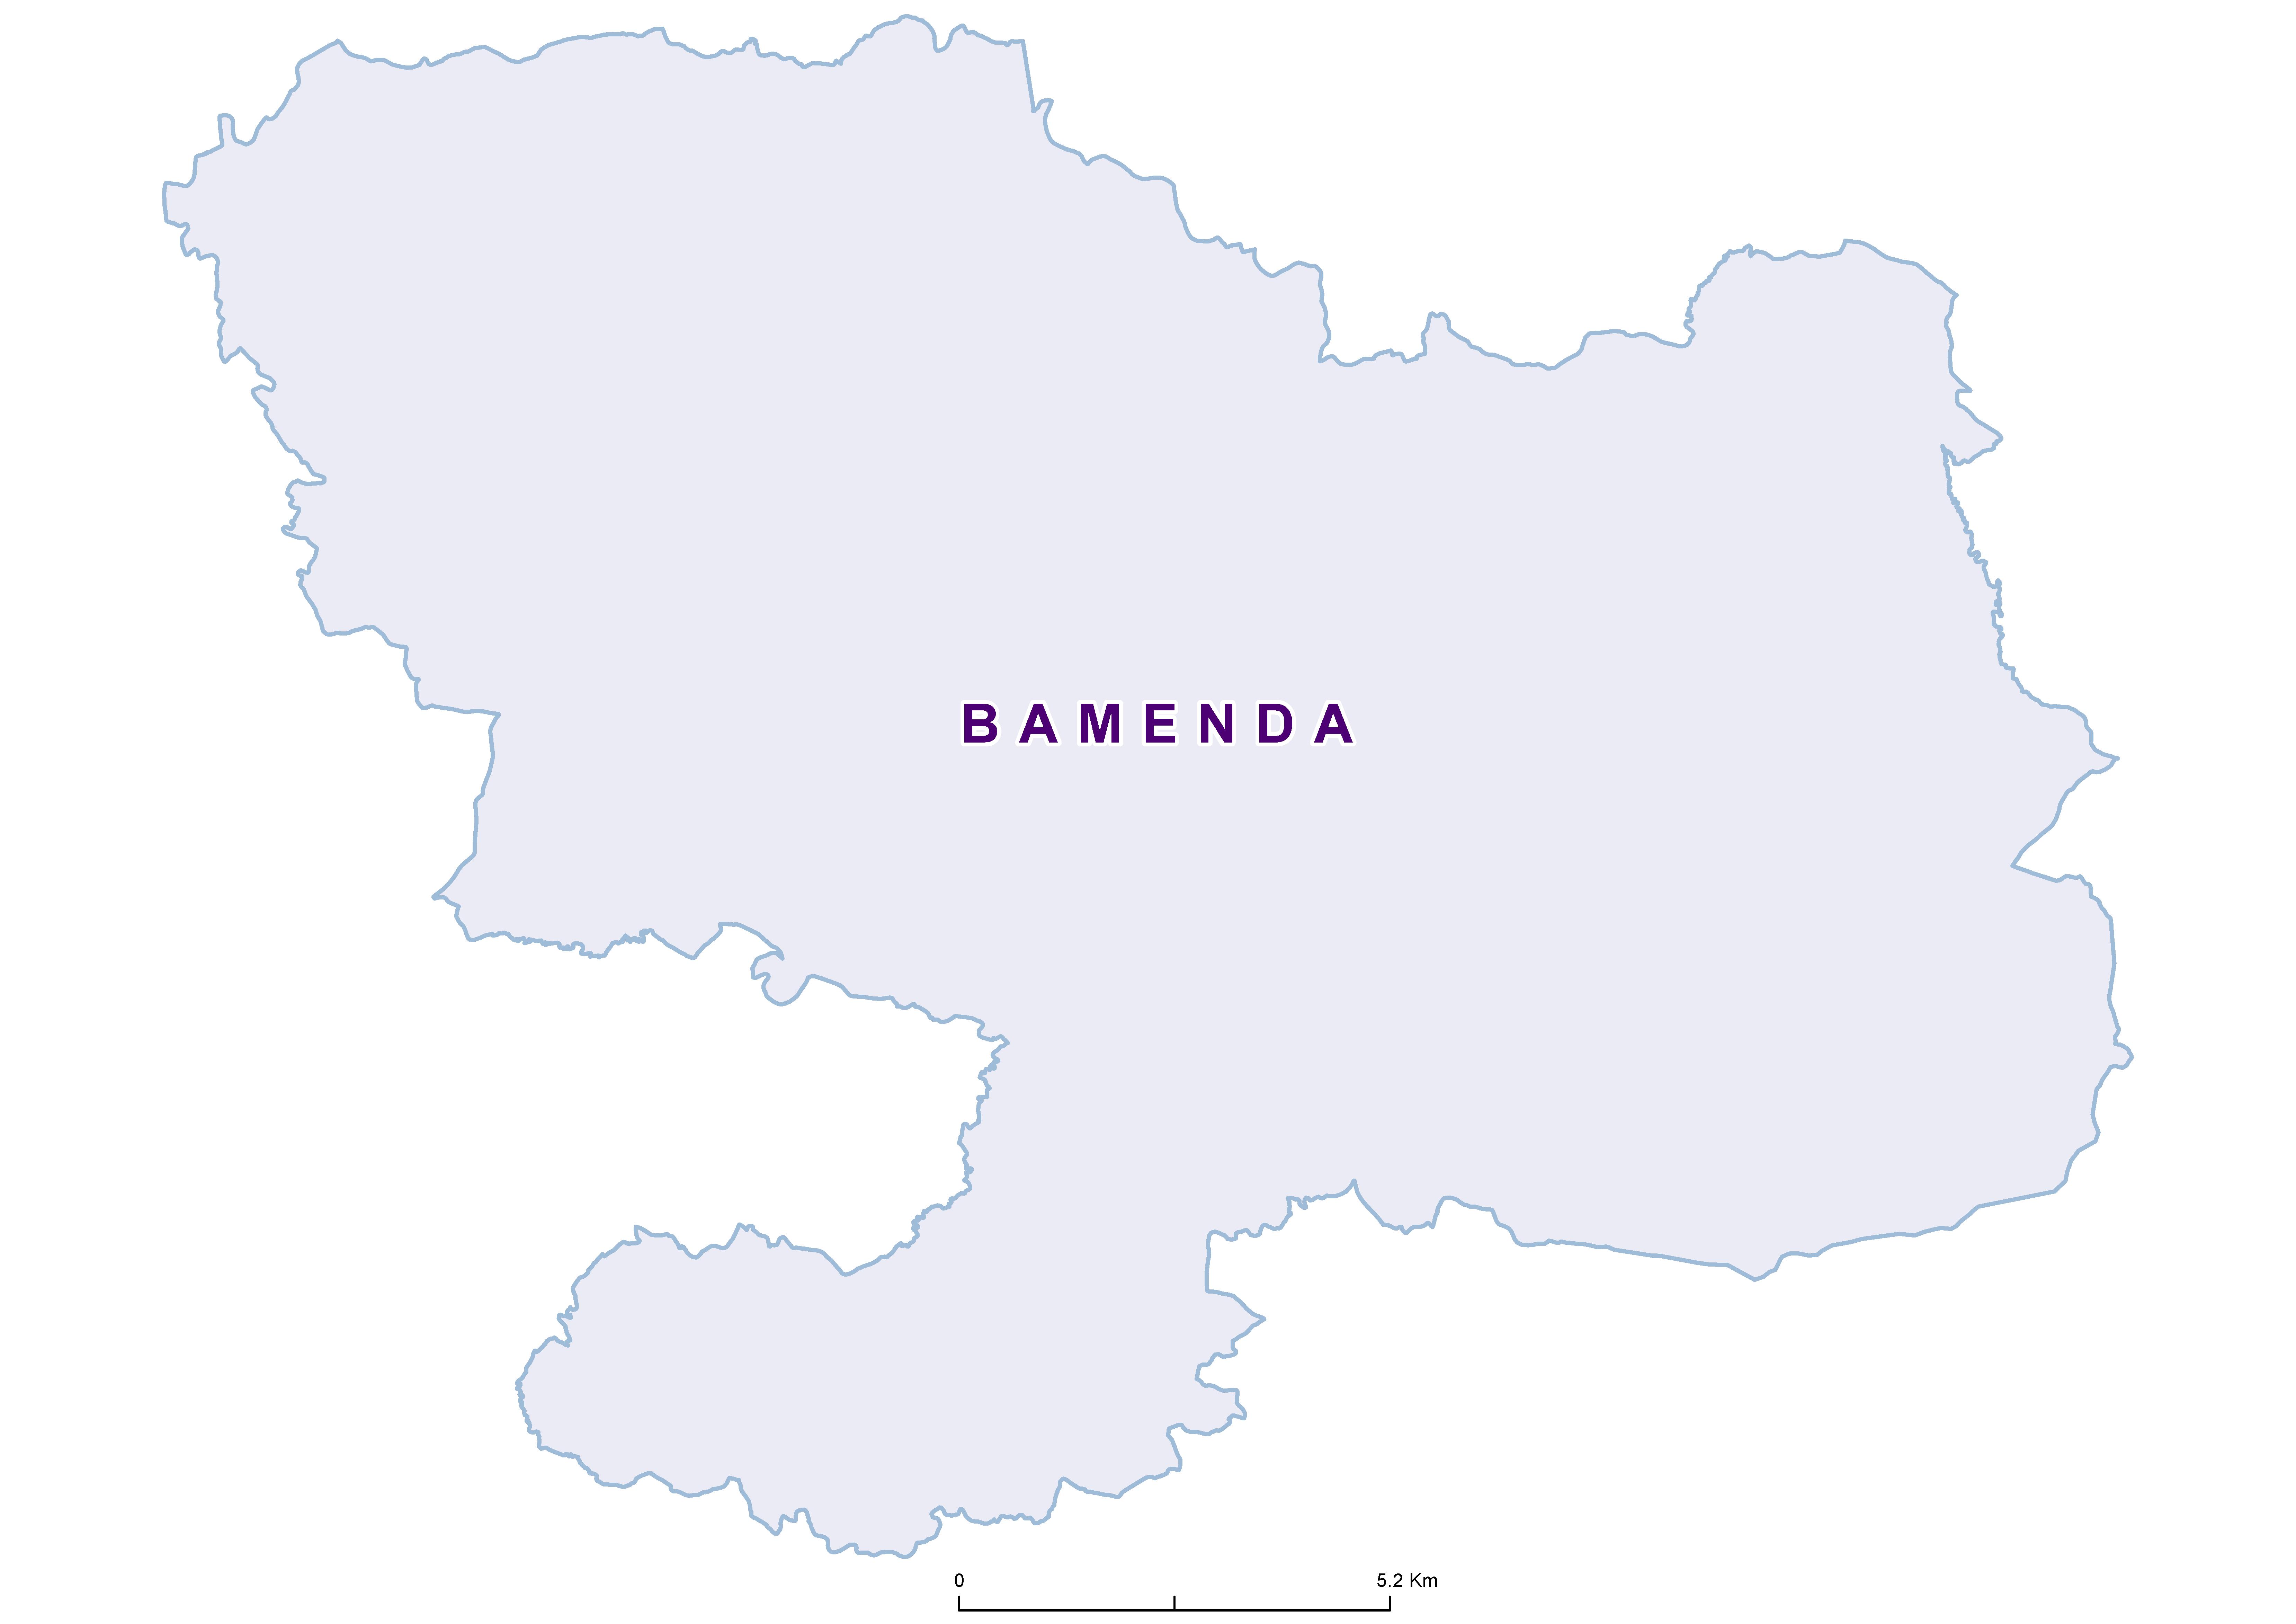 Bamenda Mean SCH 19850001